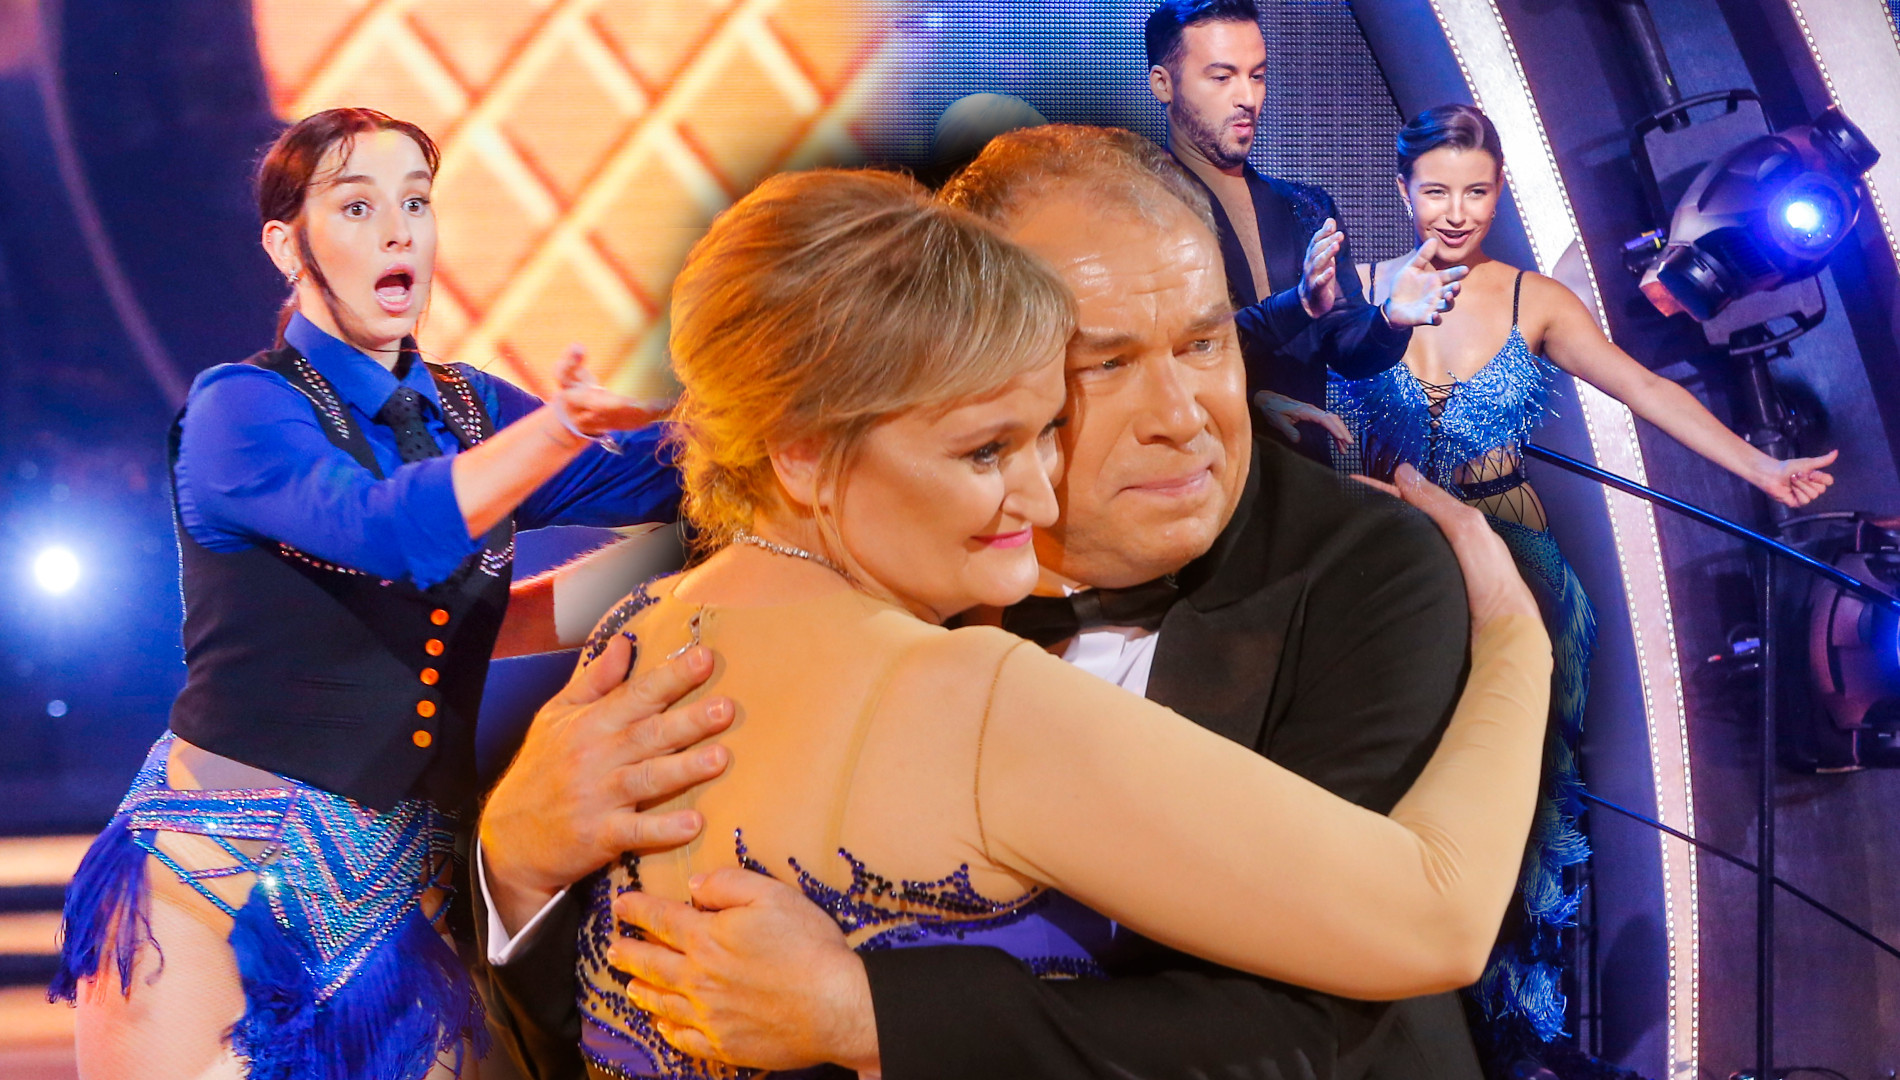 Taniec z Gwiazdami: tańce z rodziną. Julia Wieniawa się wyłamała (ZDJĘCIA)